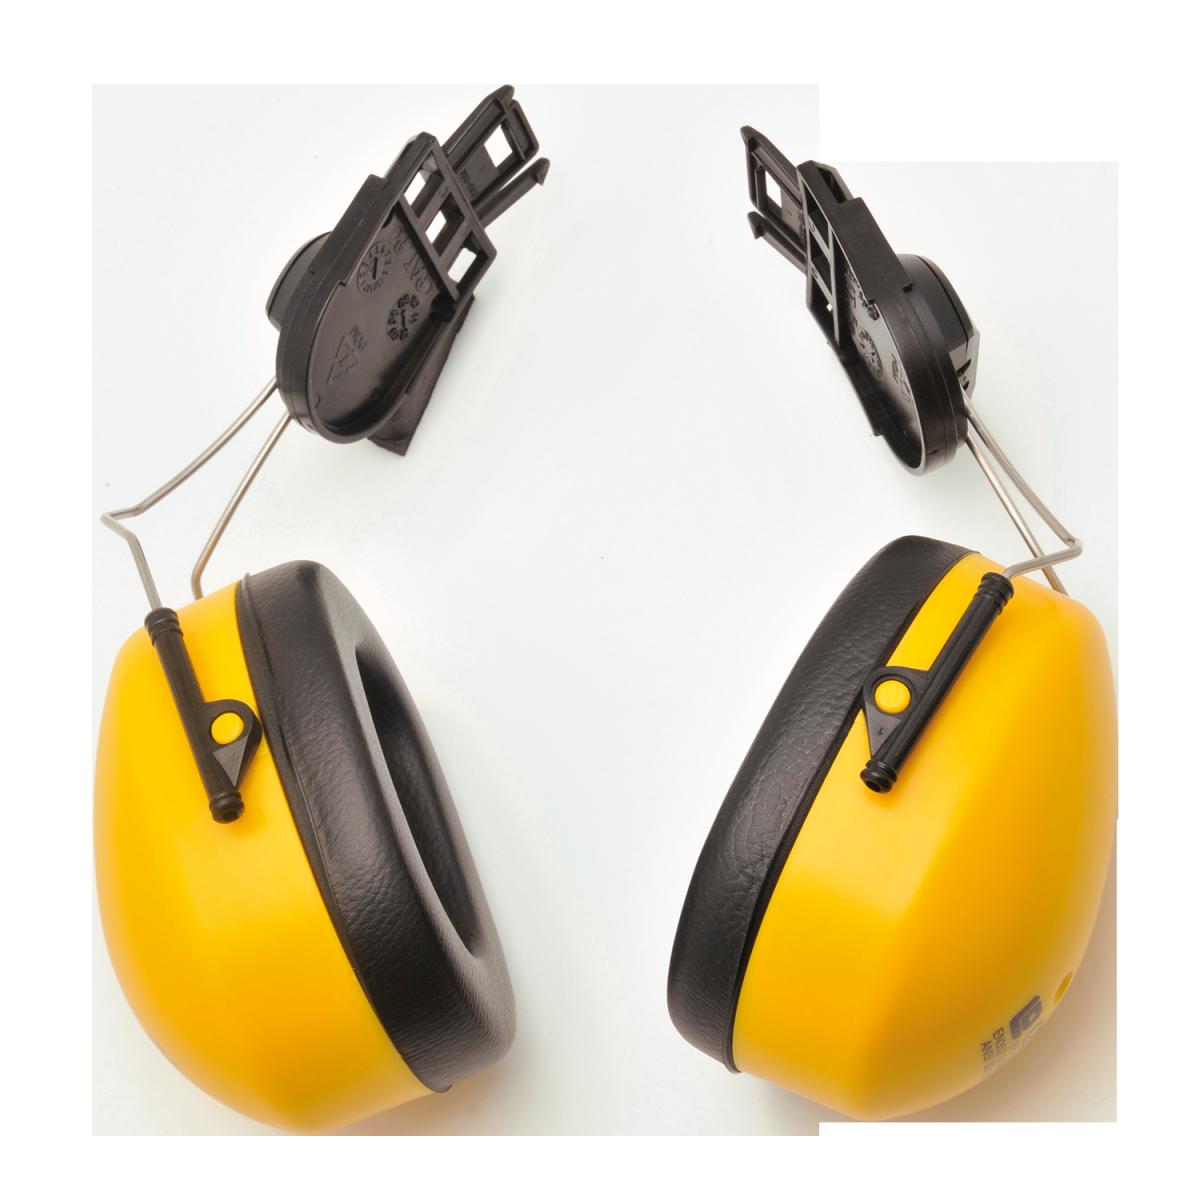 Helm-Kapselgehörschutz basic